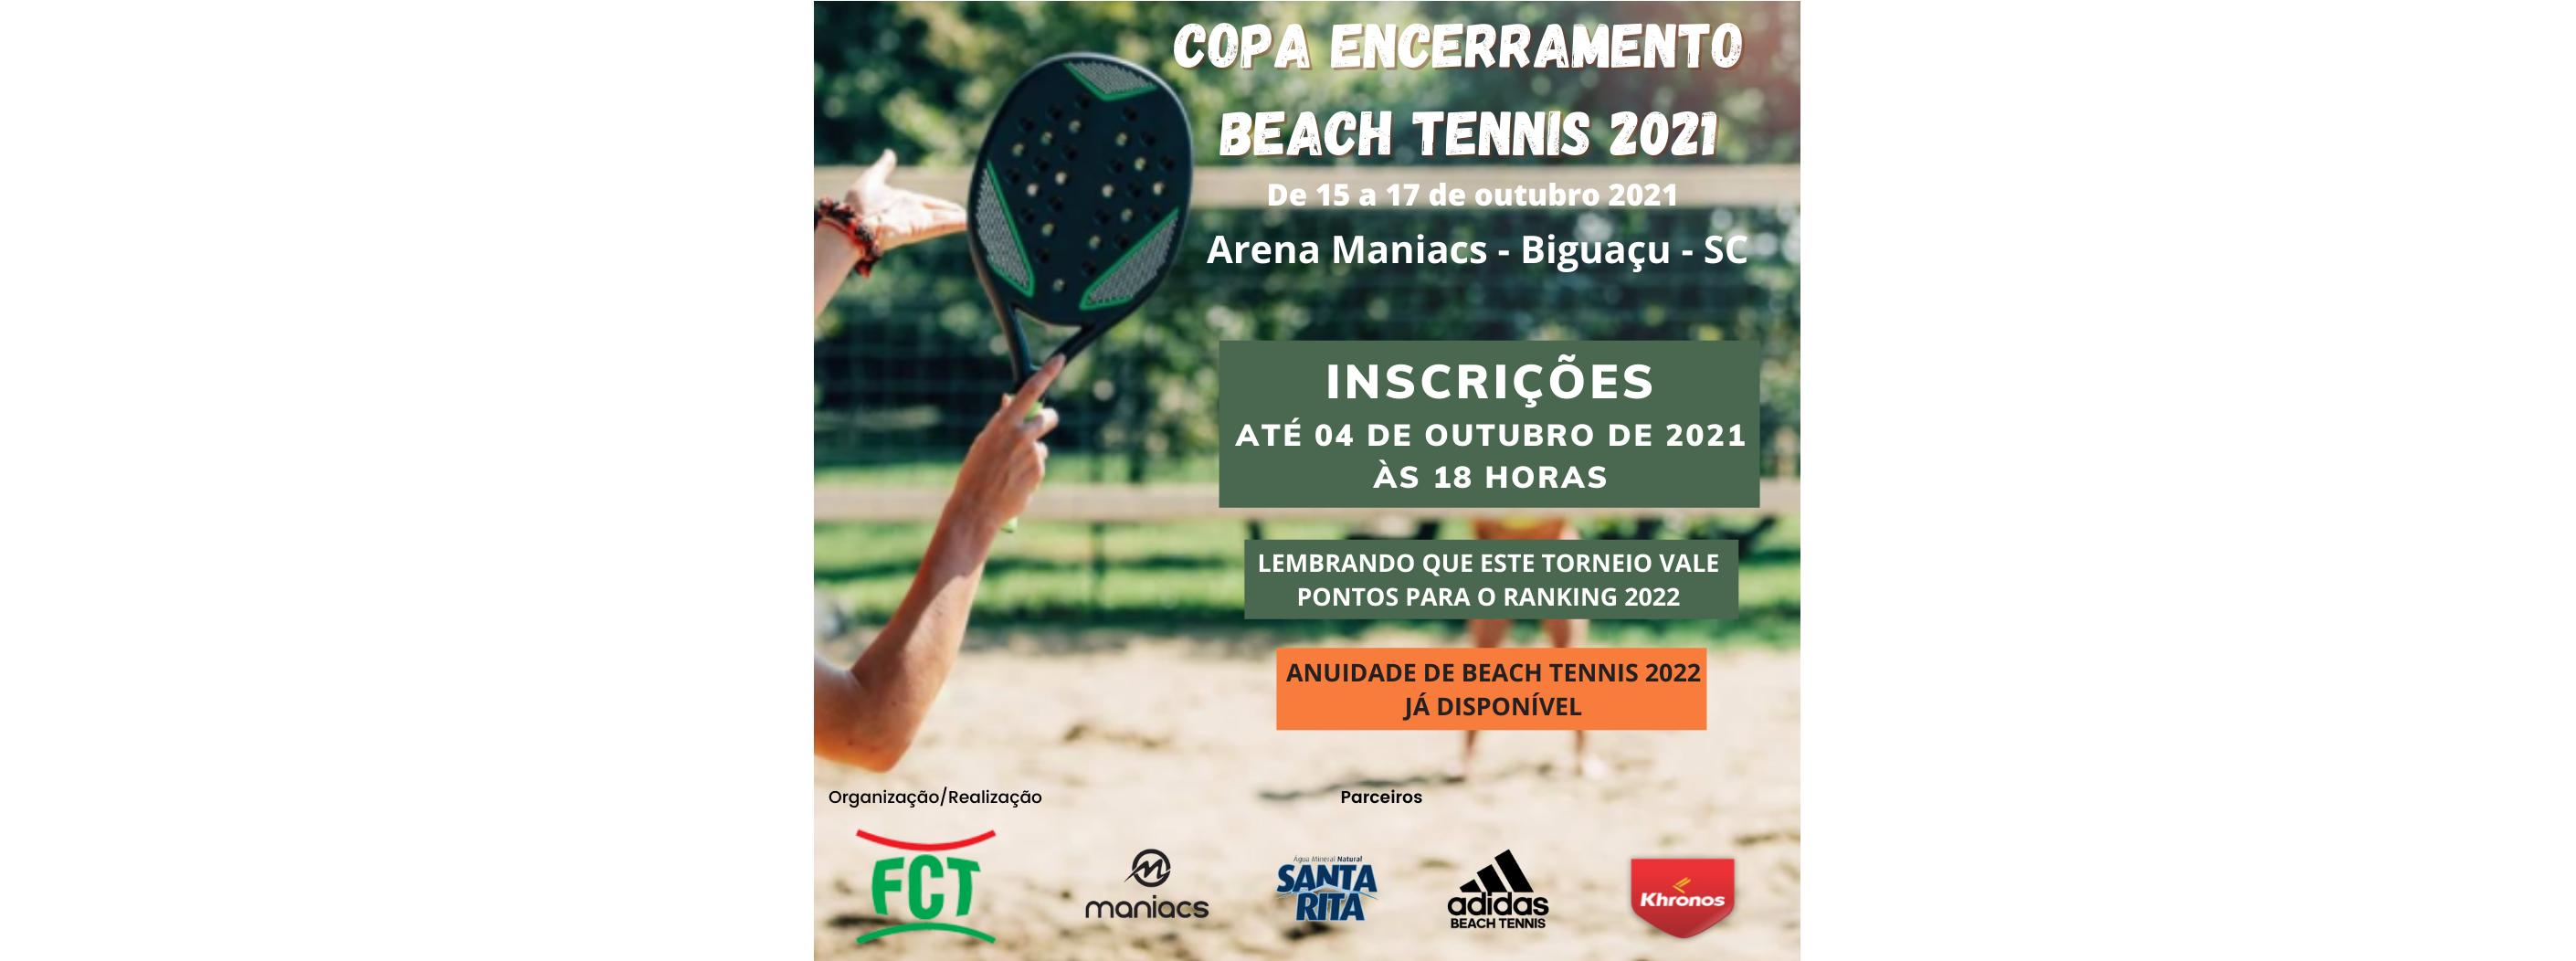 INSCRIÇÕES ABERTAS – COPA ENCERRAMENTO DE BEACH TENNIS 2021